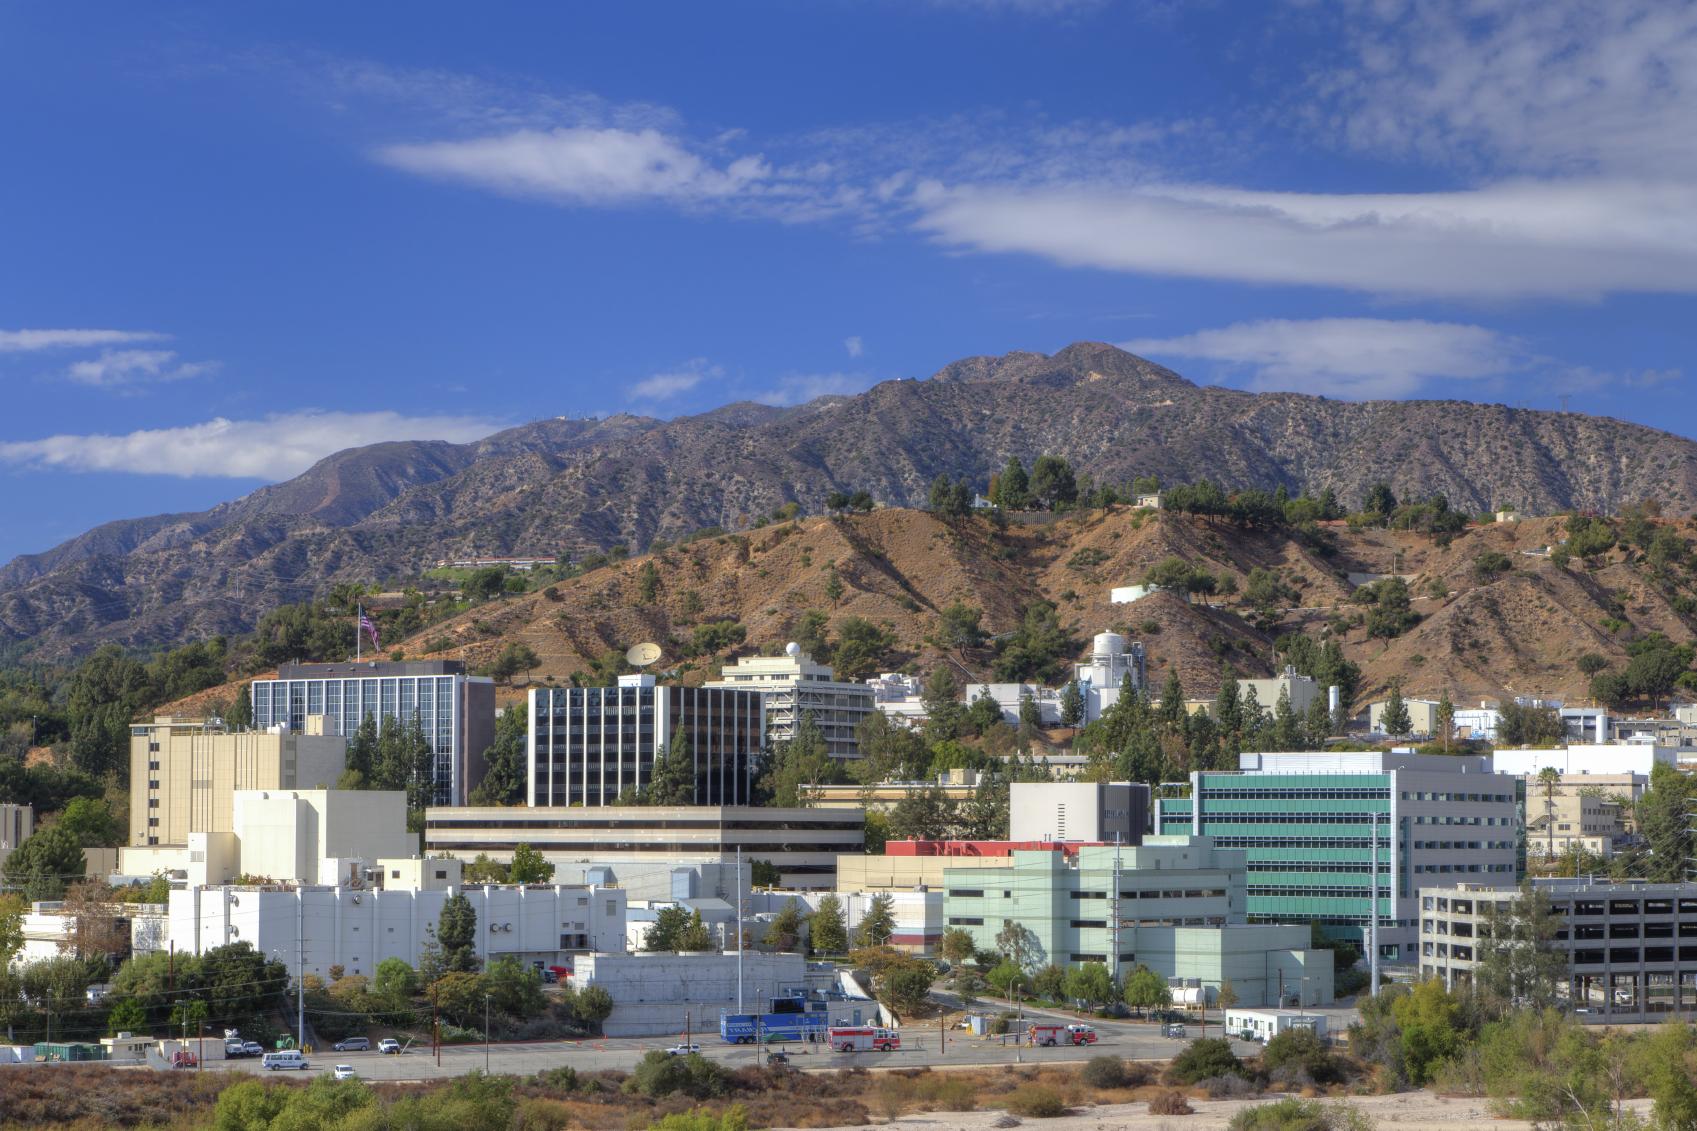 JPL_Campus_iStock_000050402670_Medium.jpg